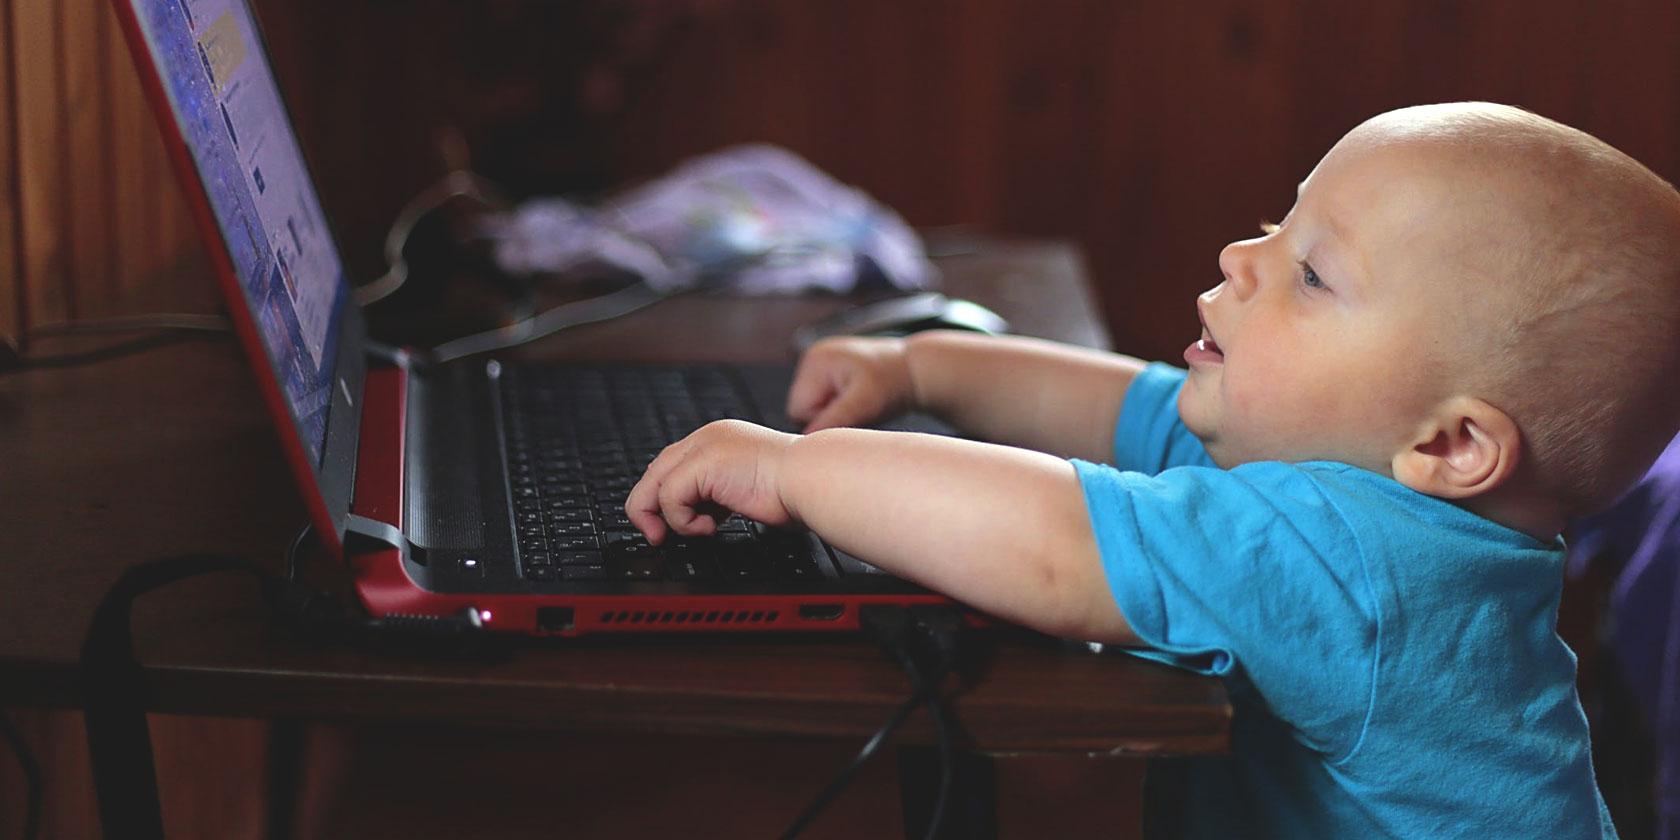 rugged-laptop-children